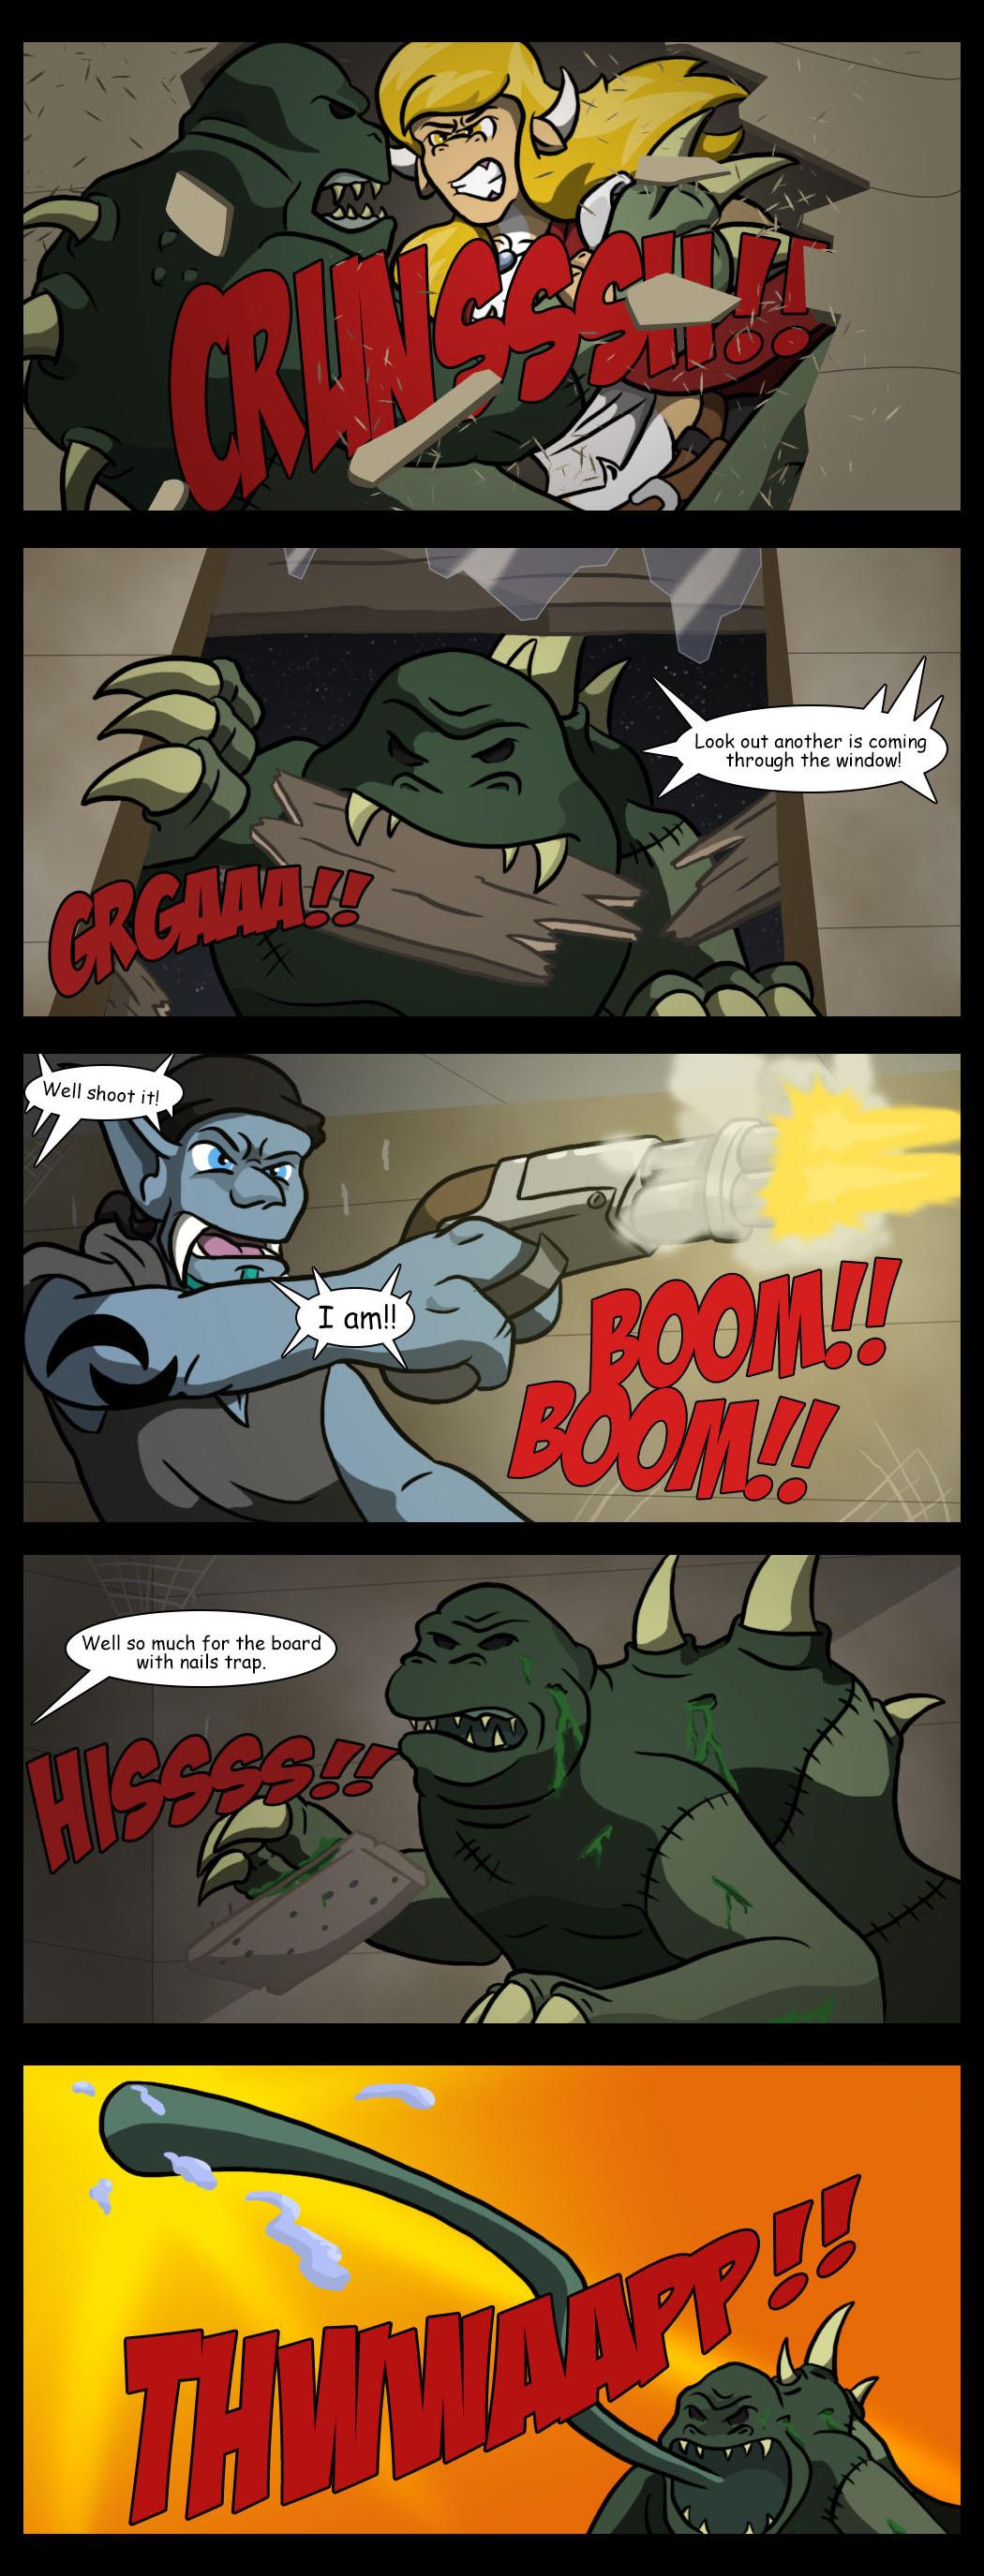 No traps brawl!